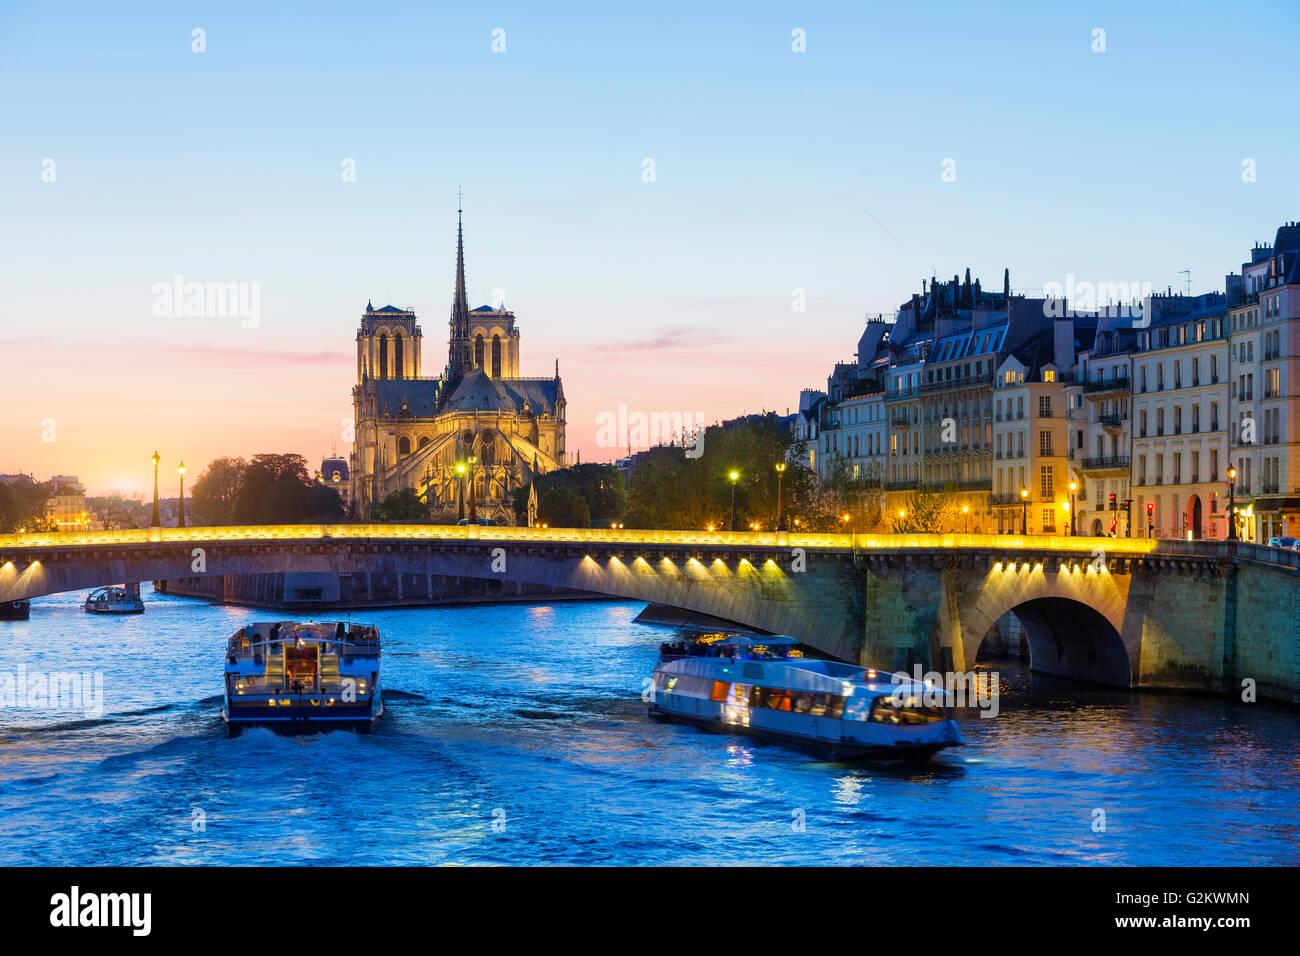 Parigi, tour in barca sul fiume Senna al tramonto con la cattedrale di Notre Dame de Paris cathedral in background Immagini Stock